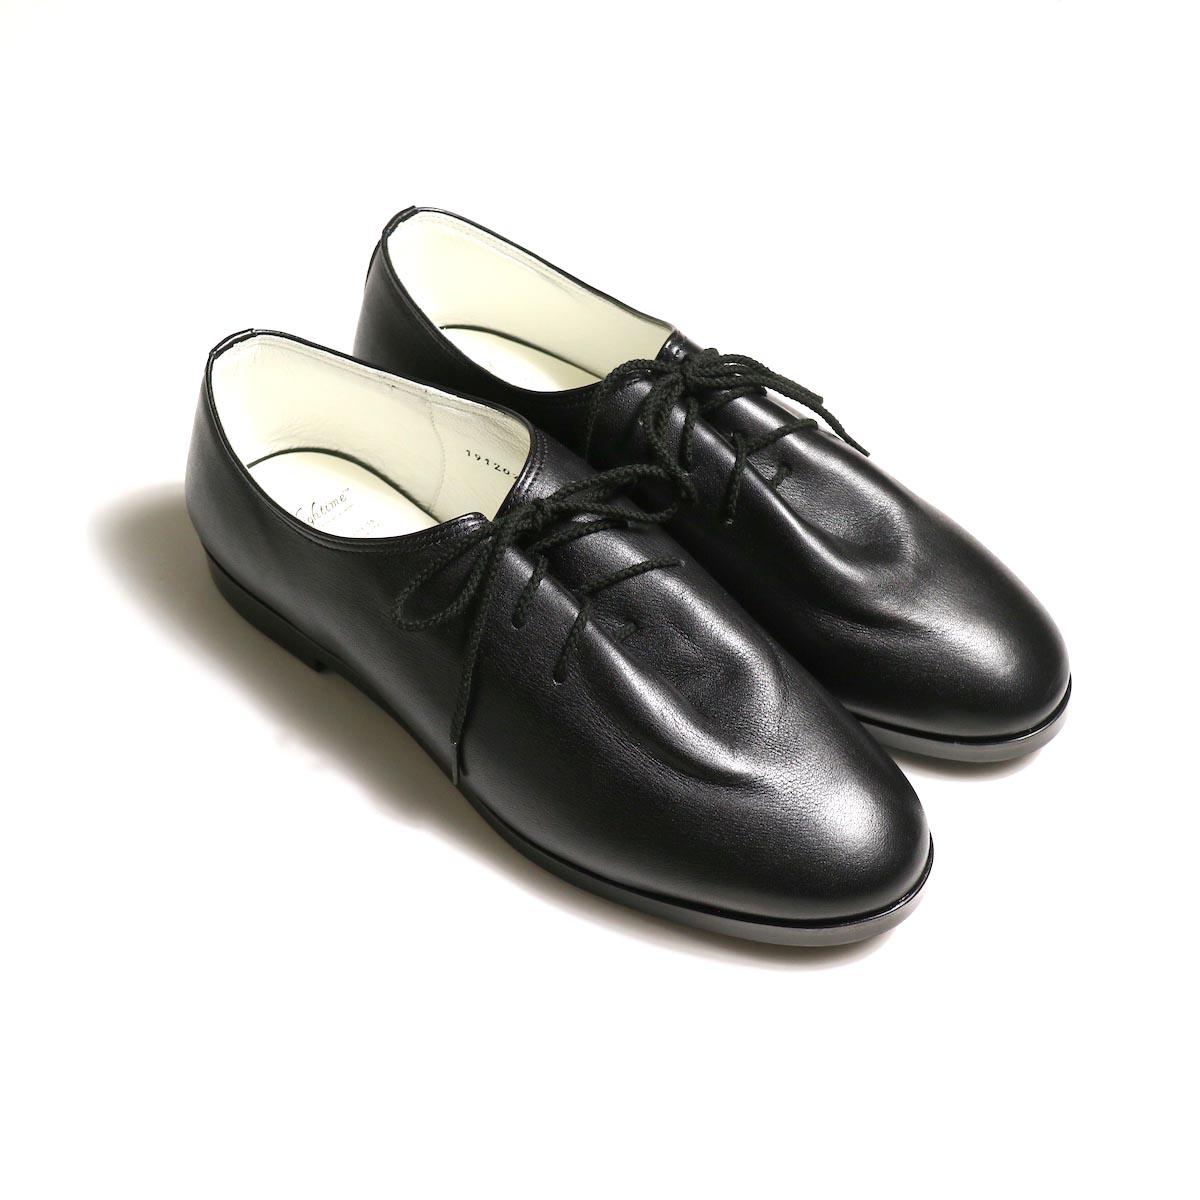 FOOTSTOCK ORIGINALS / ONE PIECE (Black) ナナメ